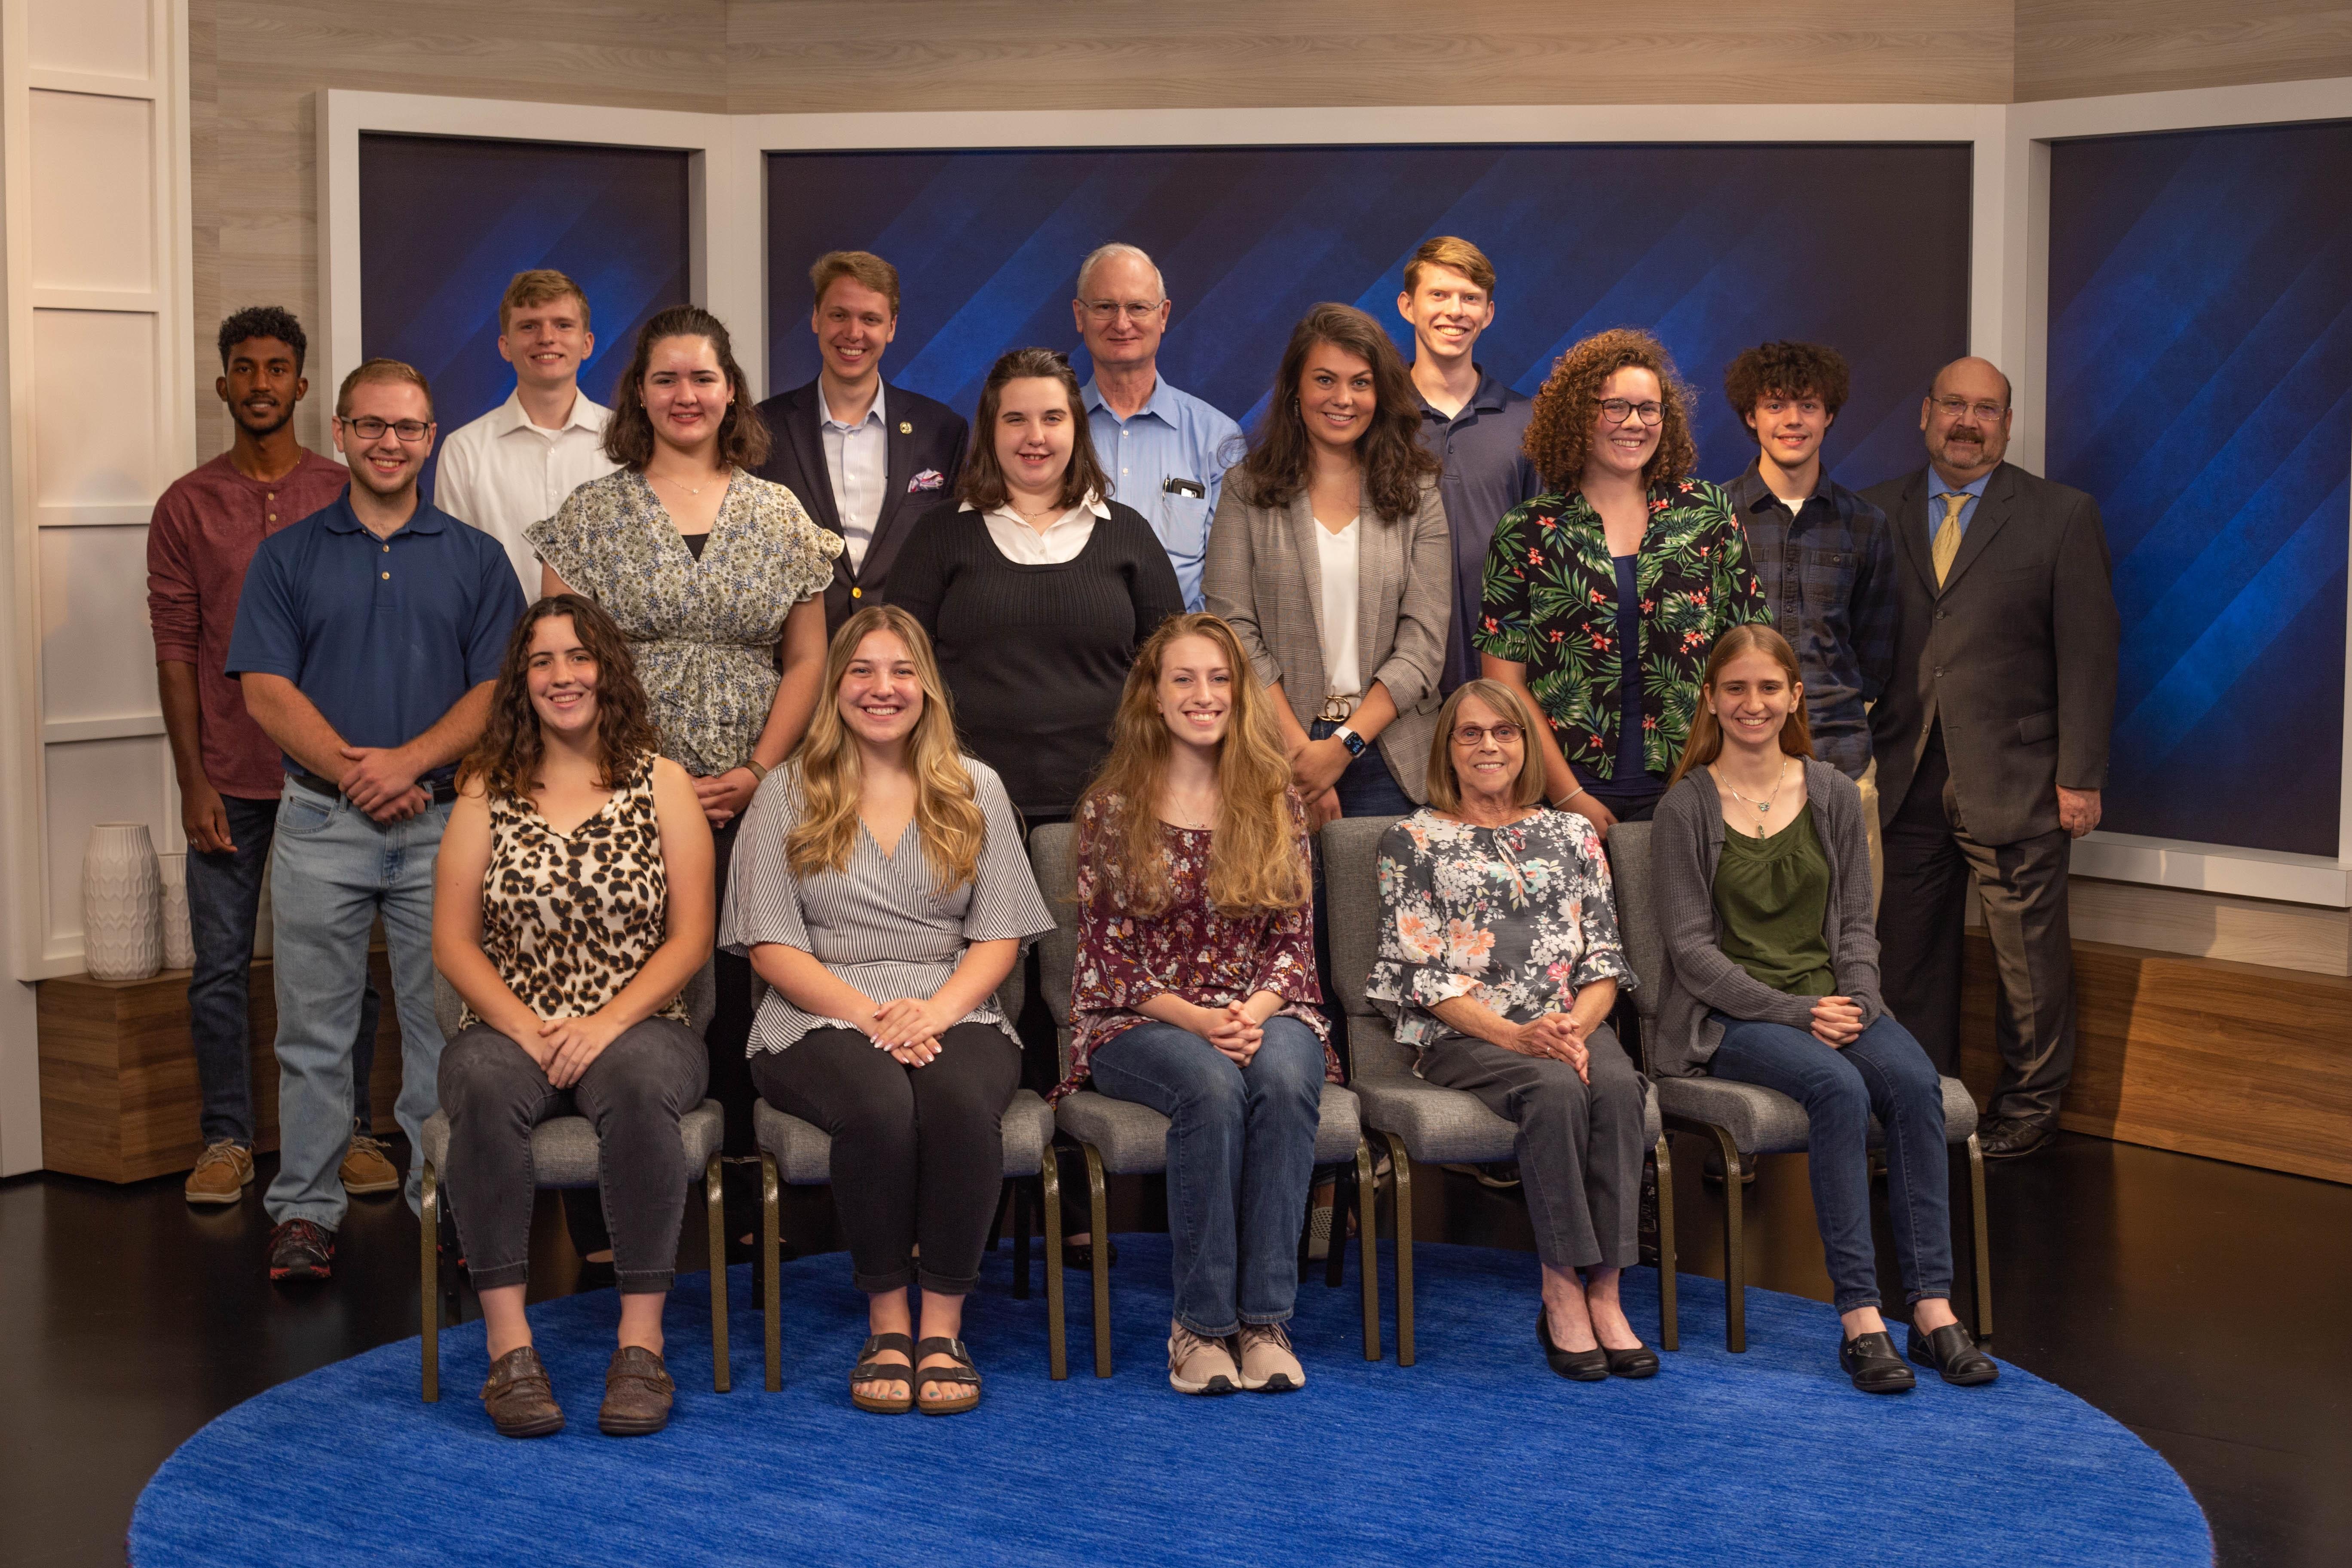 Ambassador Bible College Class of 2022.